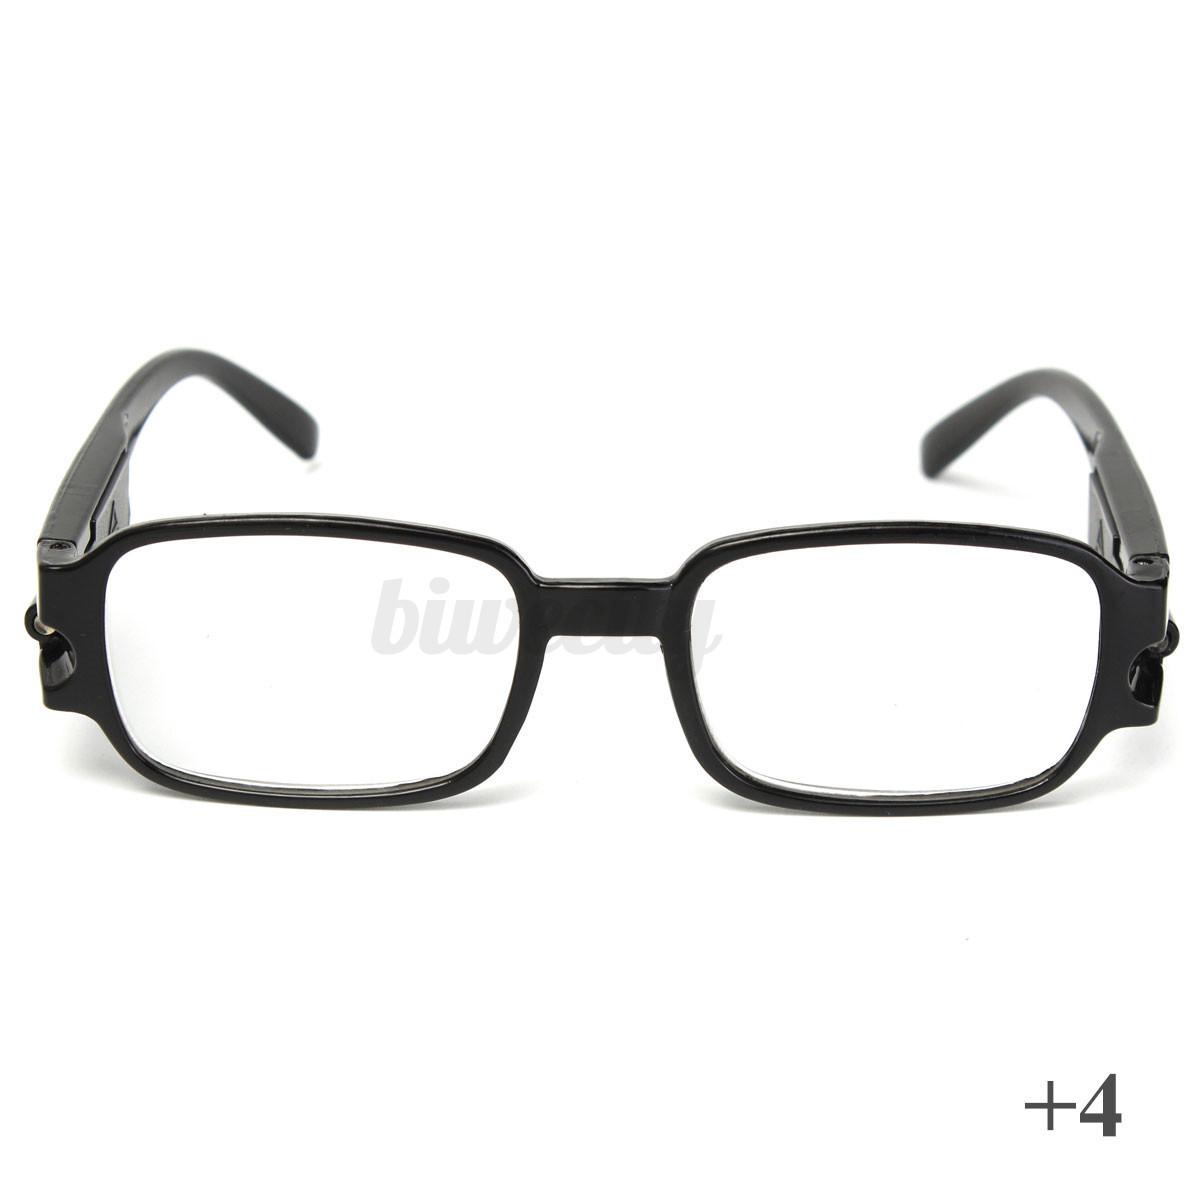 unisex rimmed reading eye glasses with led light 1 5 2